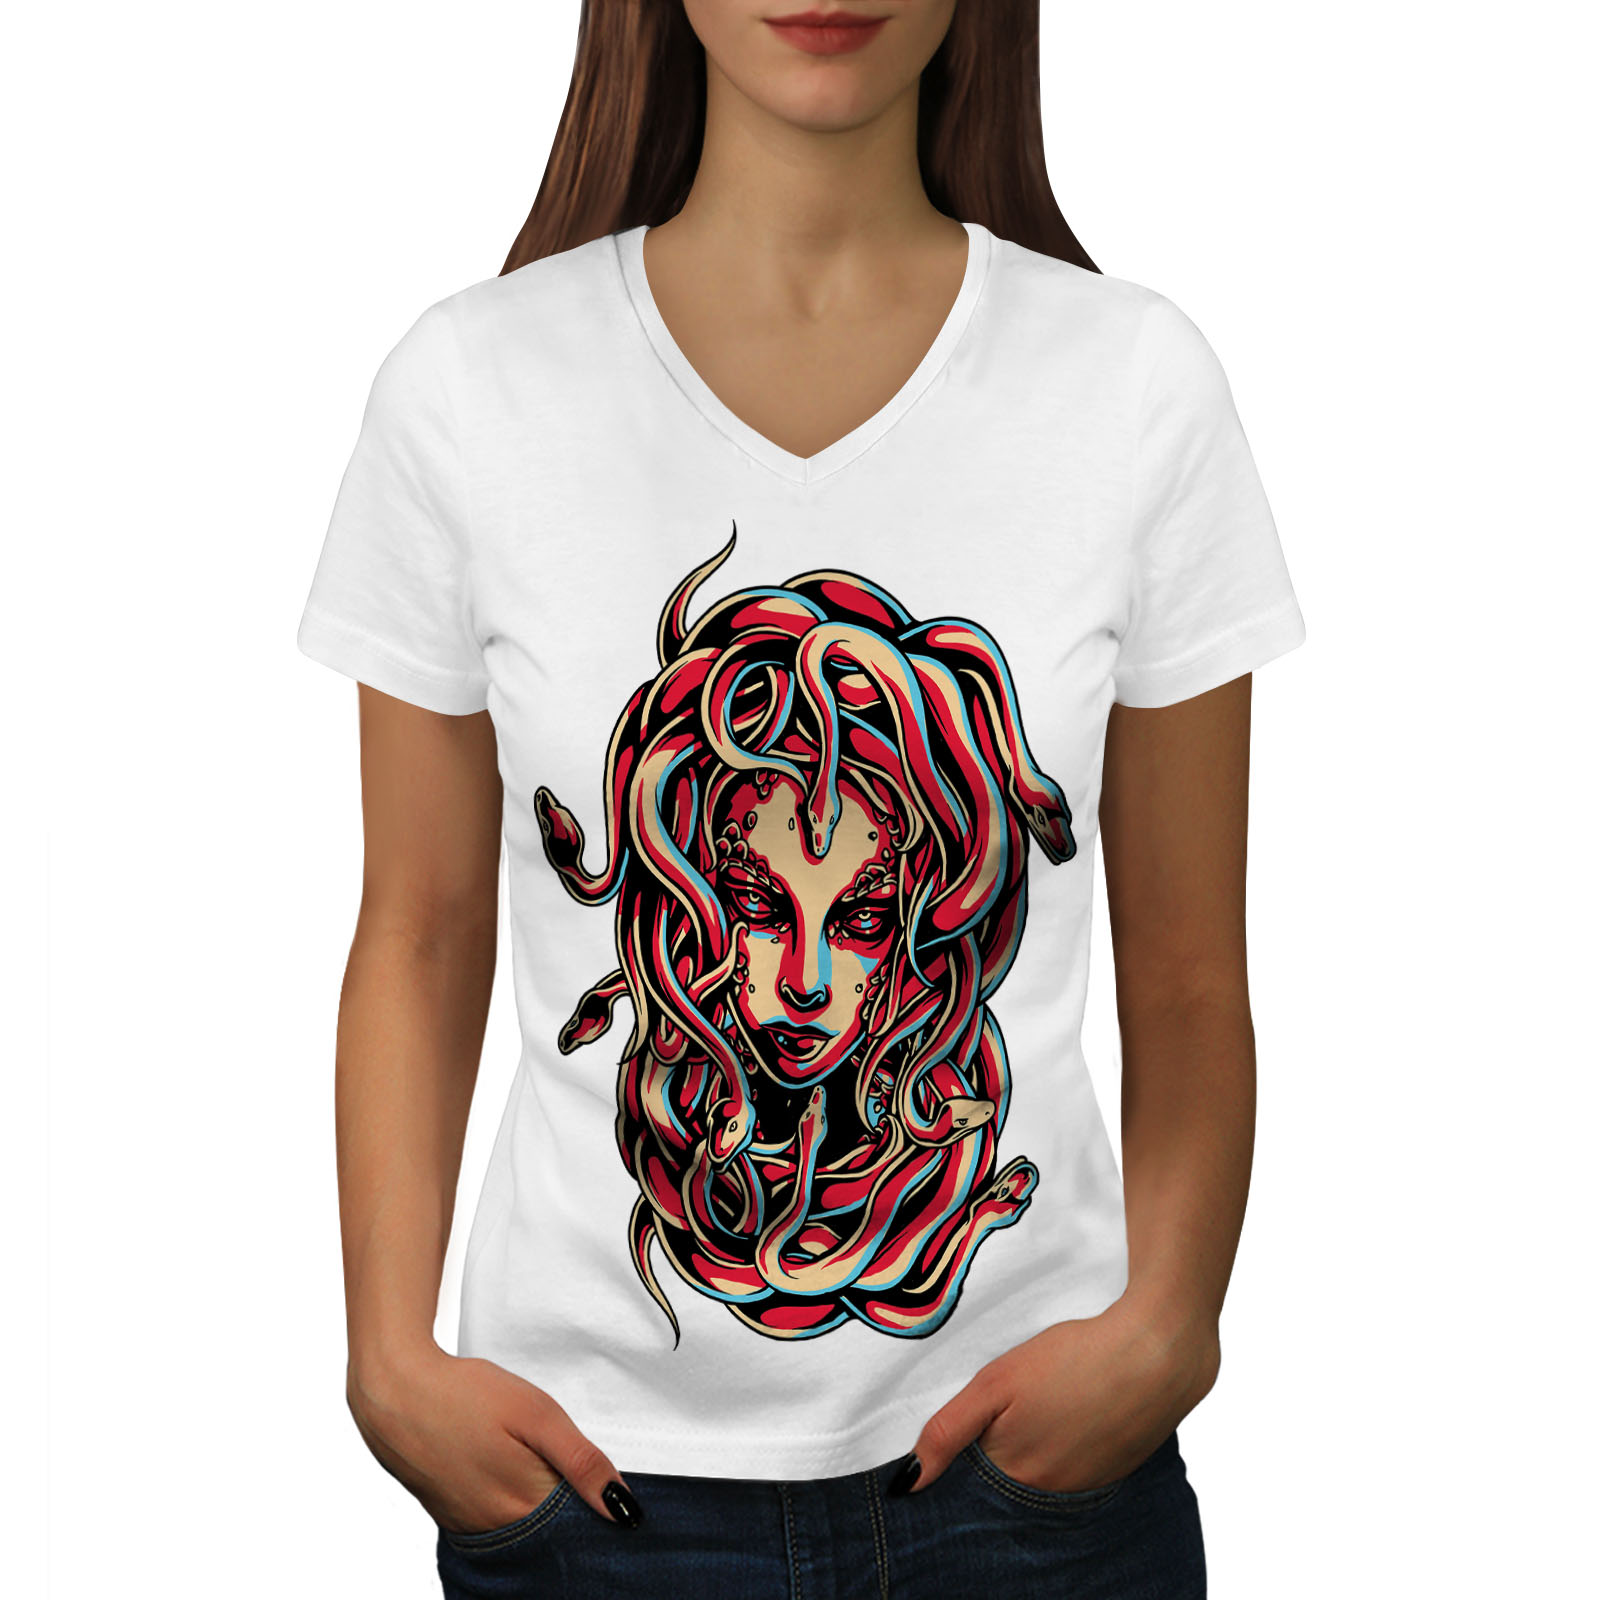 Wellcoda MEDUSA REGINA Serpente Da Donna V-Neck T-shirt VIPER Graphic Design Tee